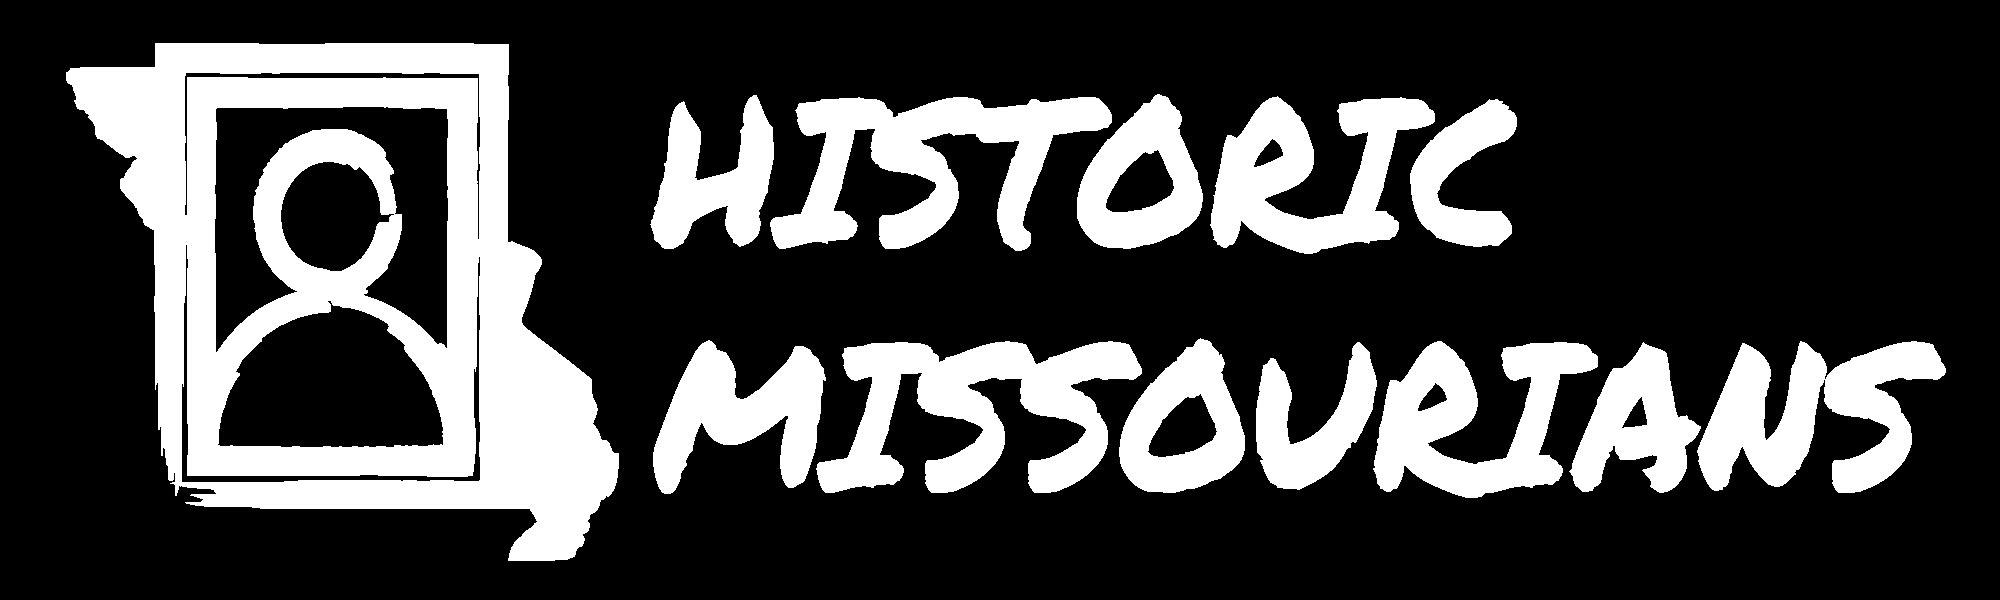 SHSMO Historic Missourians